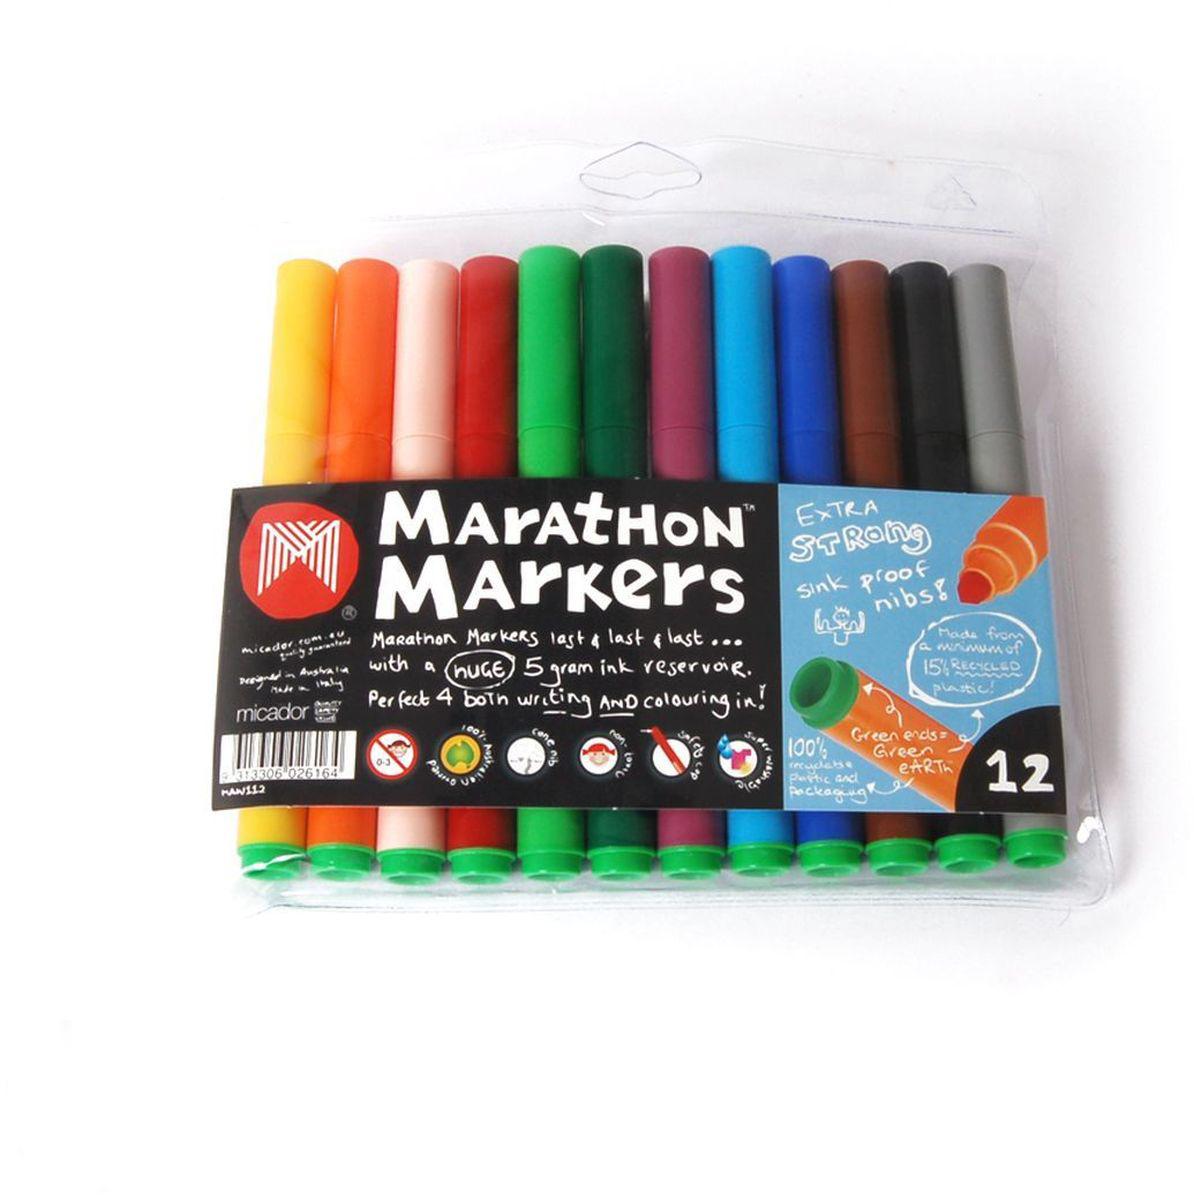 Micador Фломастеры 12 цветов MAW112MAW112Фломастеры Micador классических цветов на водной основе оценят не только маленькие художники, но их родители. Фломастеры не содержат спирта, растворителей и токсичных компонентов, поэтому полностью безопасны для маленьких детей.Фломастеры имеют яркие насыщенные цвета, чернила не расплываются на бумаге, что позволяет делать четкие линии.Изготовлены по запатентованной технологии Easy Wash. Отлично смываются как с кожи, так и с других поверхностей (ткани, мебели), чтообязательно оценят родители.Фломастеры долговечные они не высыхают с открытым колпачком до 8 недель, при необходимости легко заправляются водой, а это значит, вамне придется покупать все новые и новые фломастеры долгое время. Рисование развивает творческие способности, воображение, логику, память, мышление. Австралийский бренд Micador - эксперт в товарах для детского творчества с 1954 года.